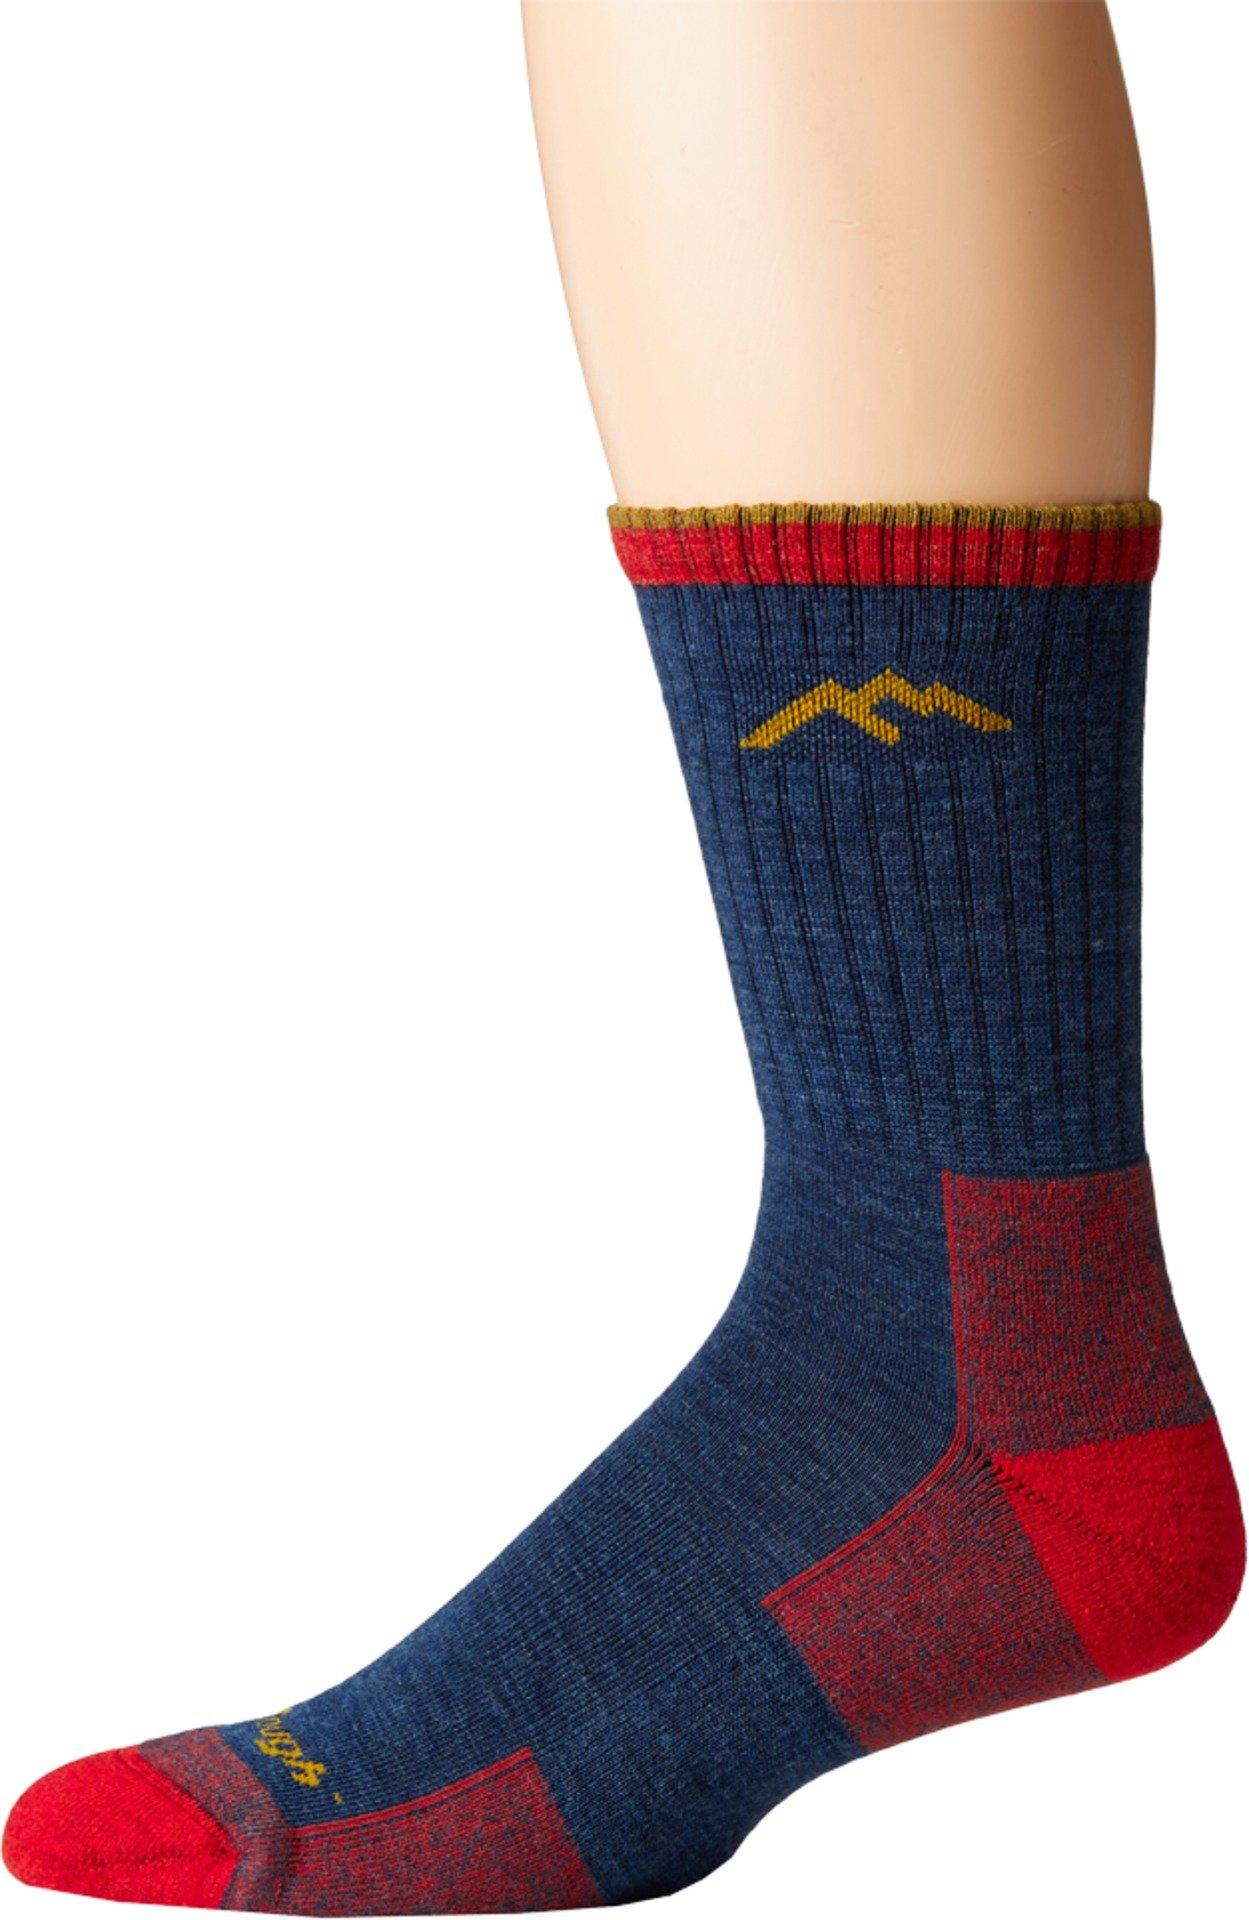 Darn Tough Merino Wool Micro Crew Sock Cushion by Darn Tough